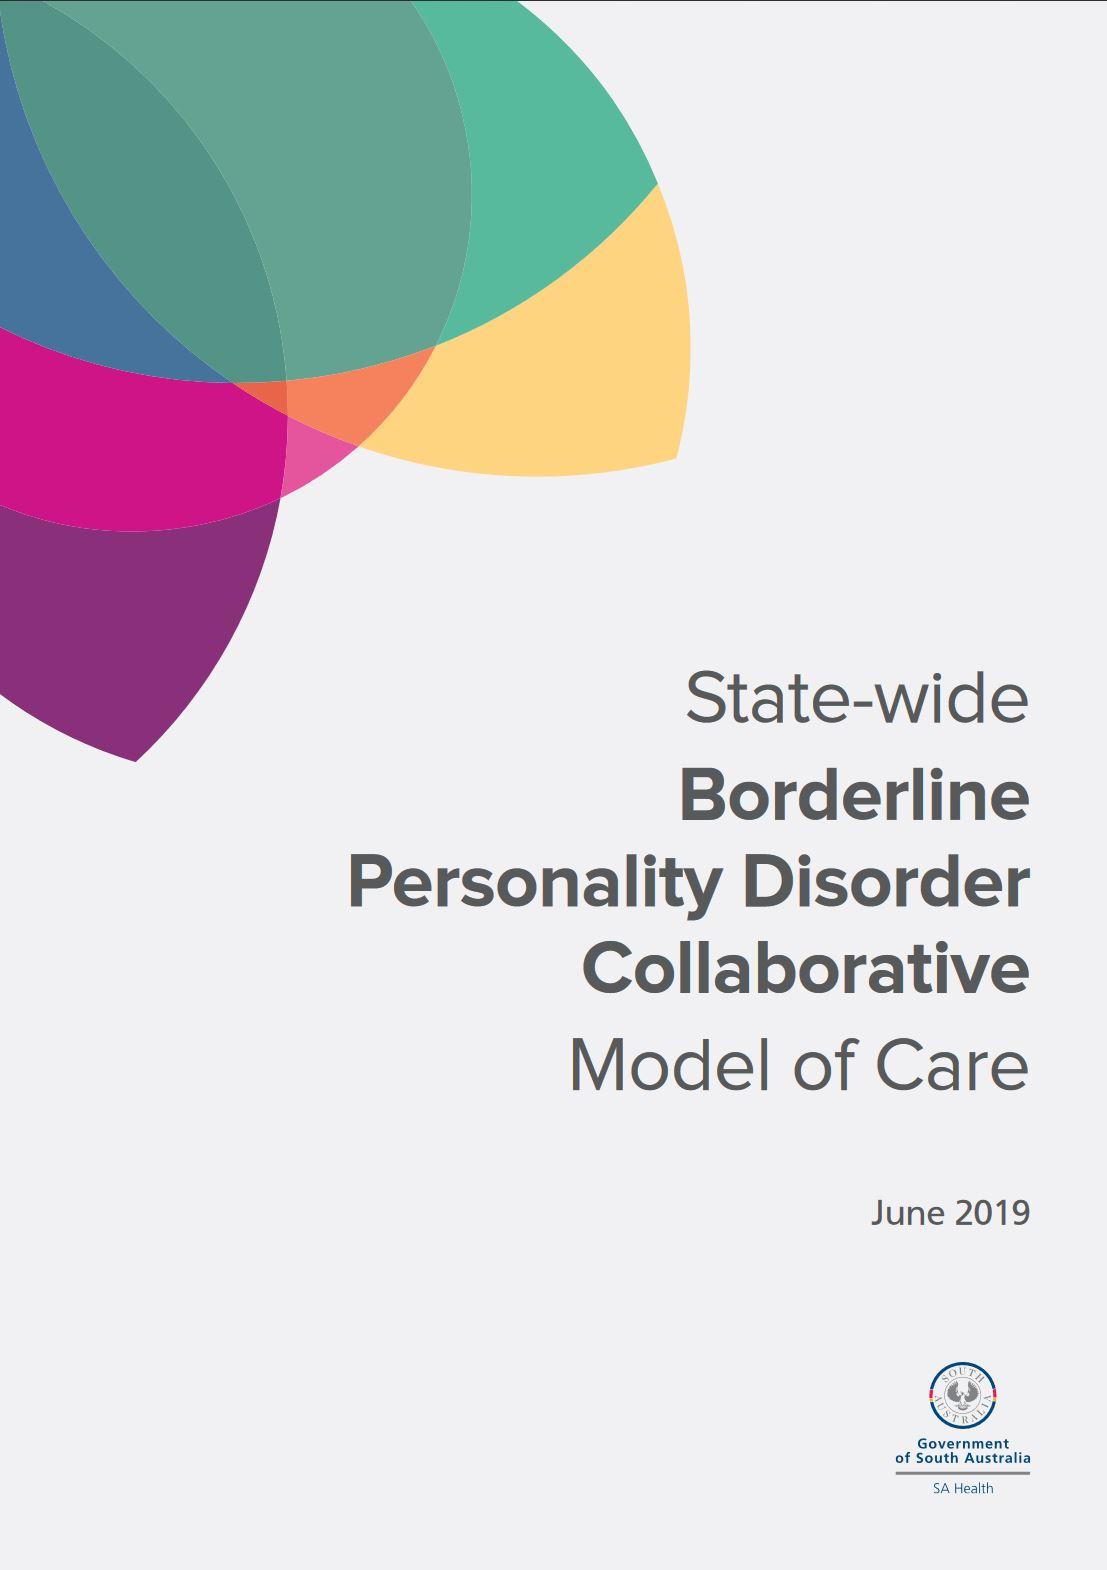 BPD Co Model of Care